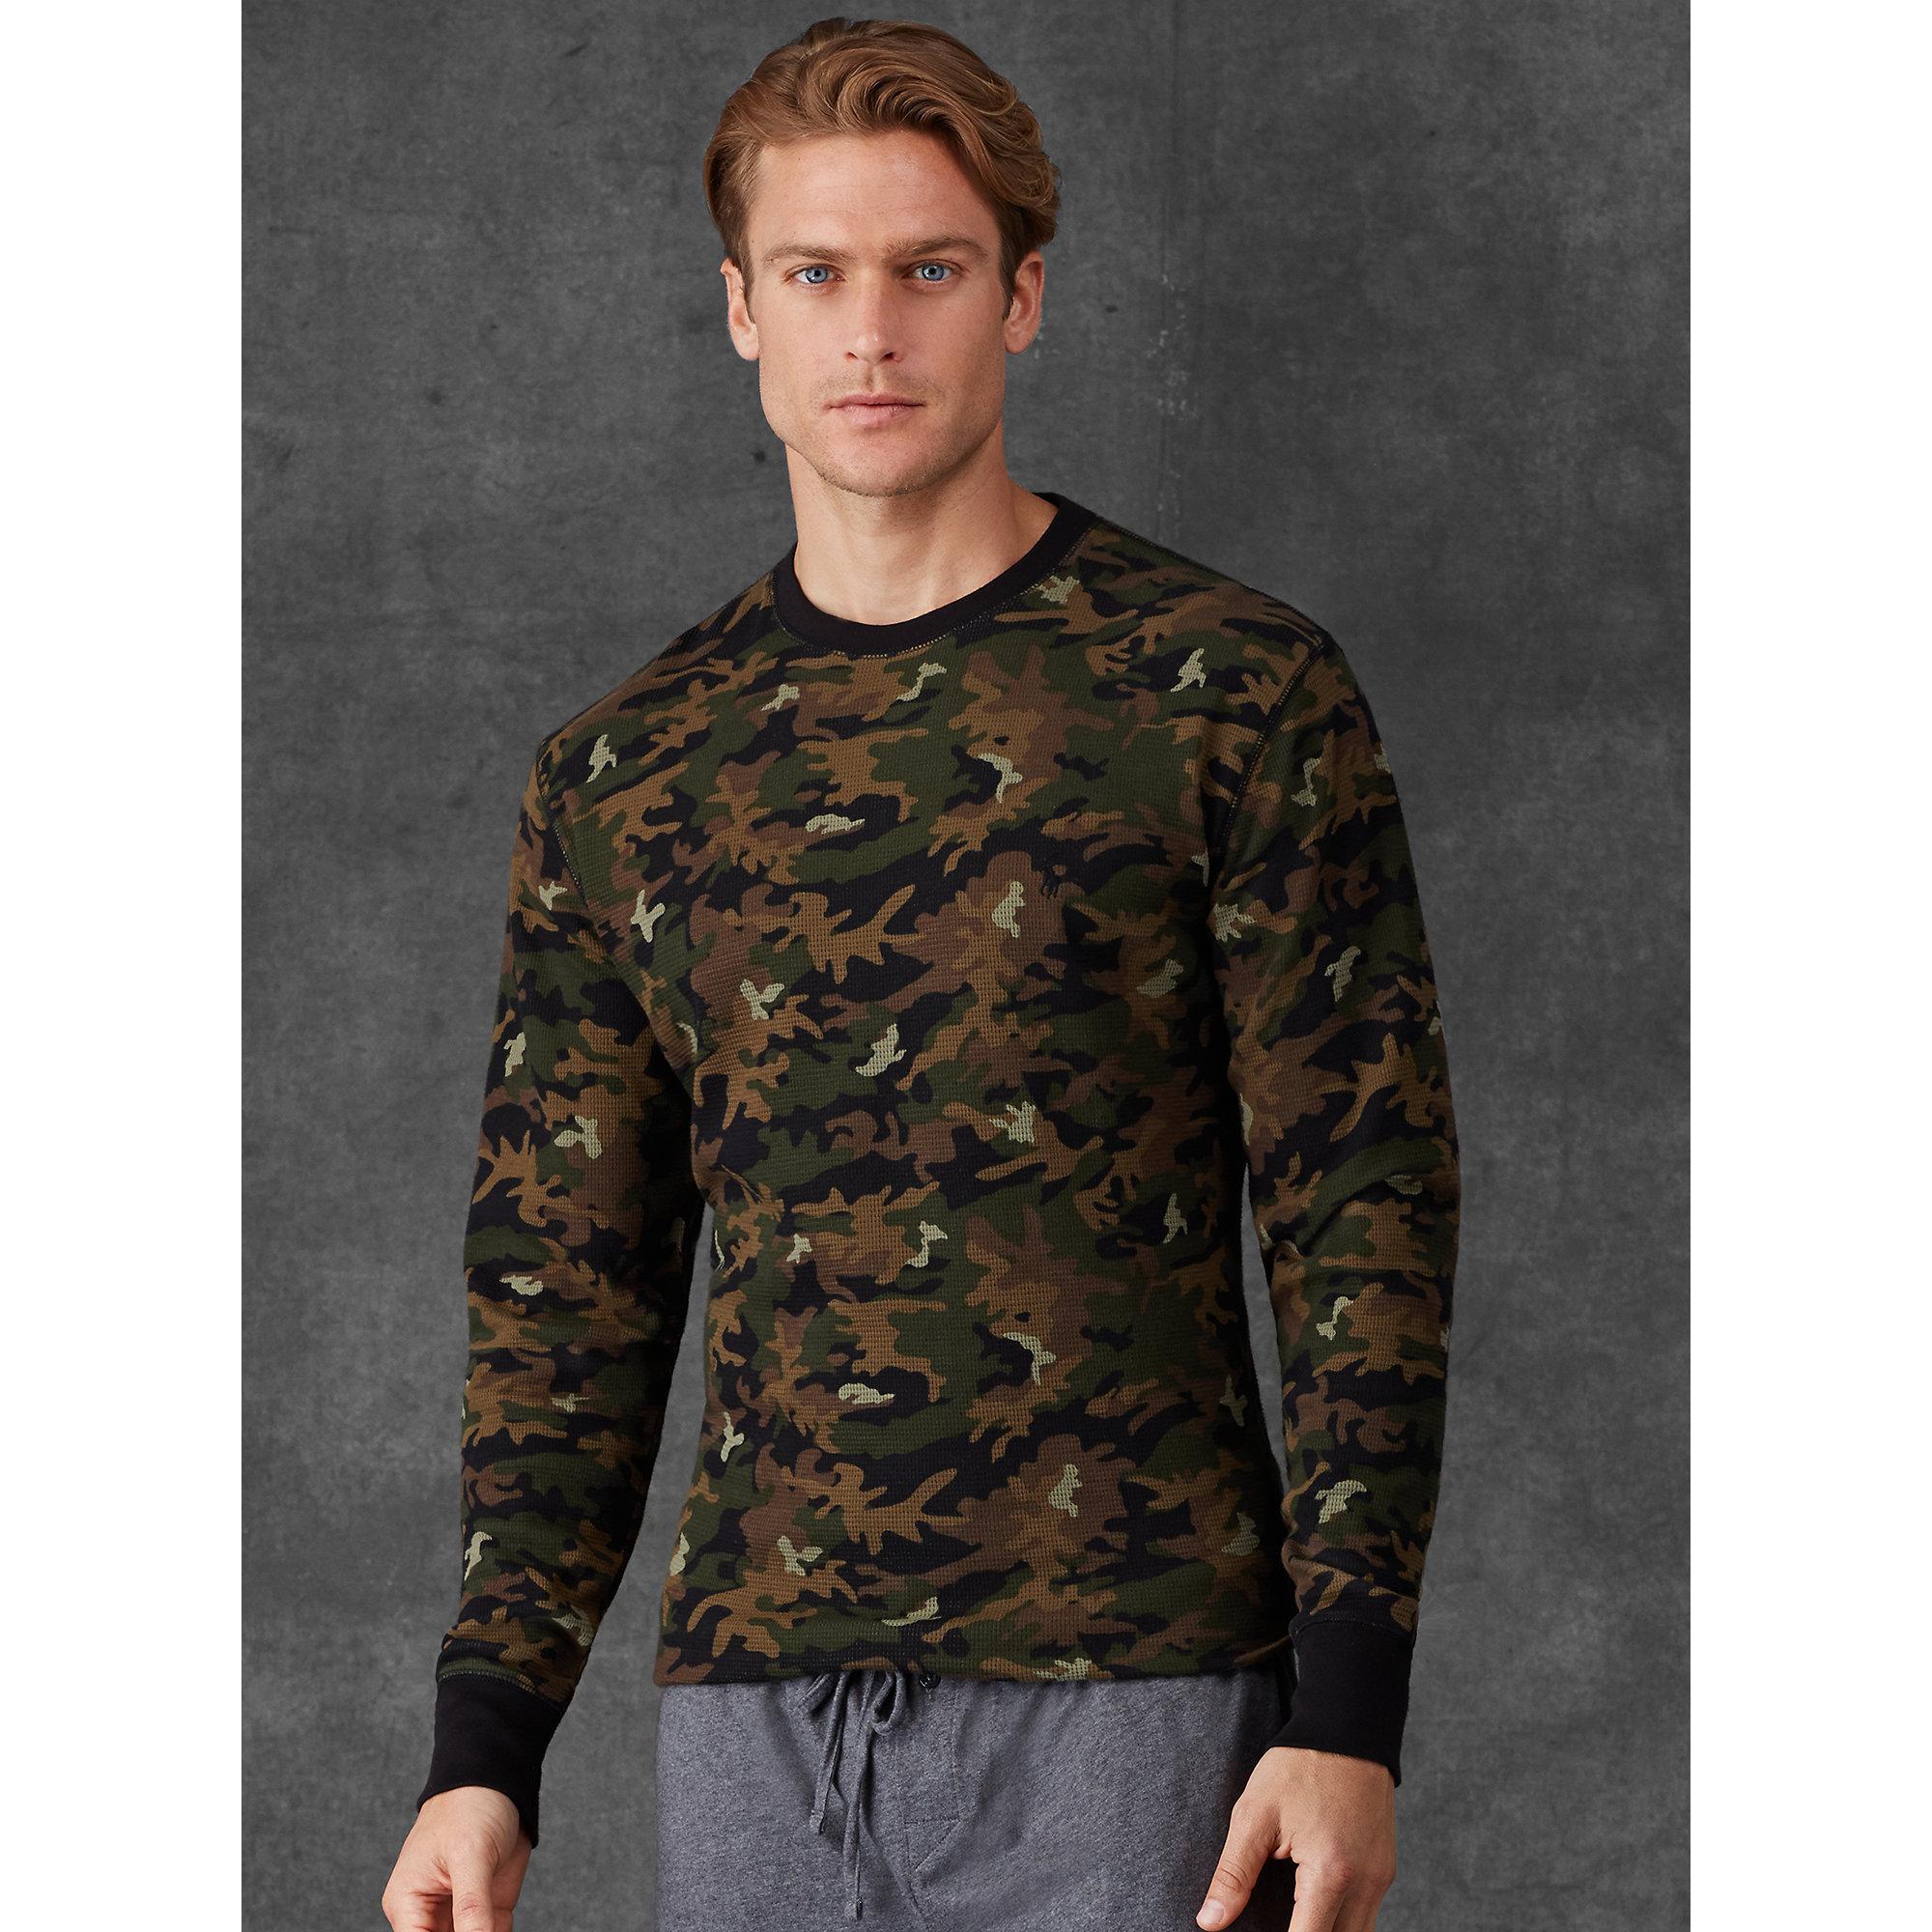 53c81ecd ... uk lyst polo ralph lauren camo long sleeved t shirt in green for men  c6a84 f5757